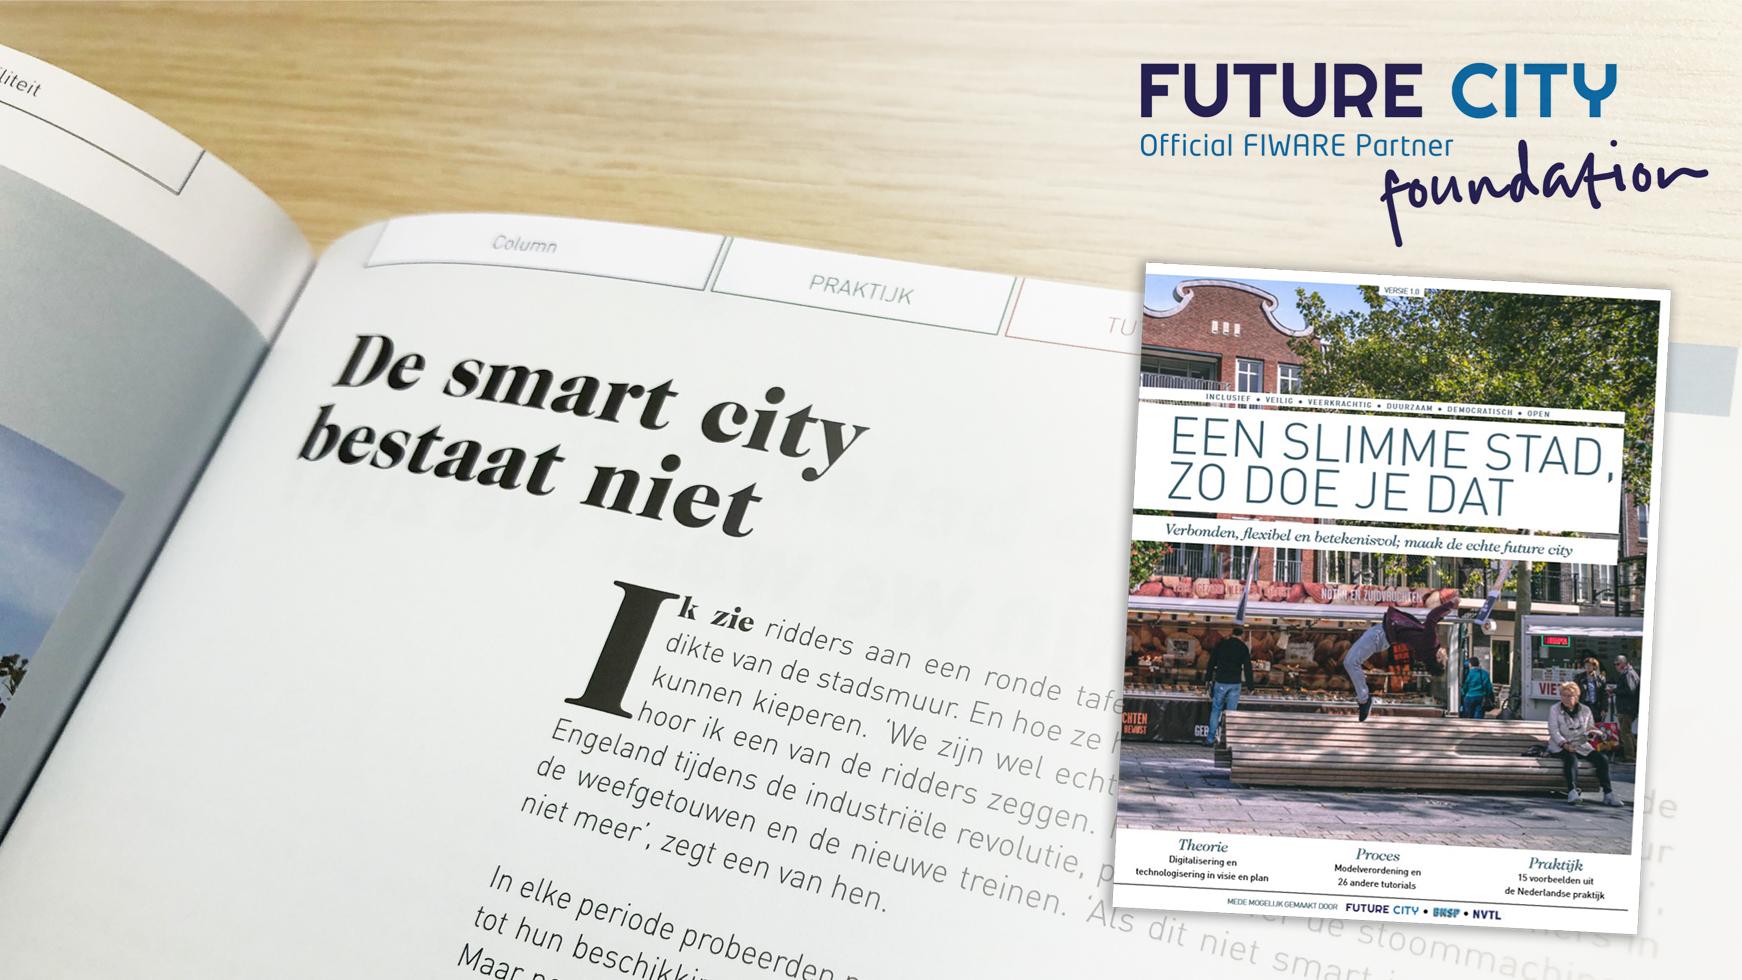 De smart city bestaat niet